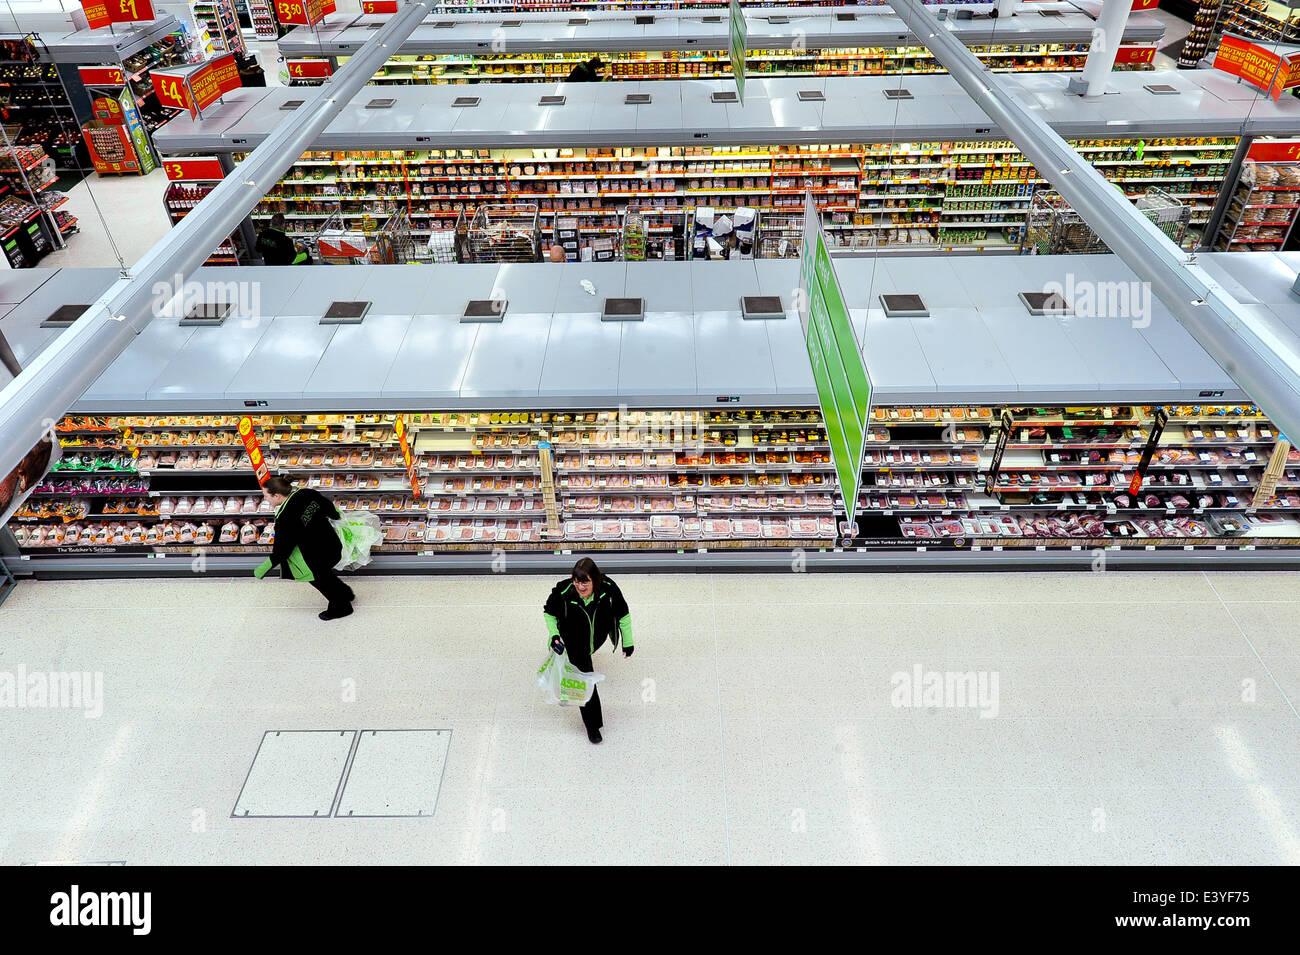 Asda Supermarket Interior Imágenes De Stock & Asda Supermarket ...